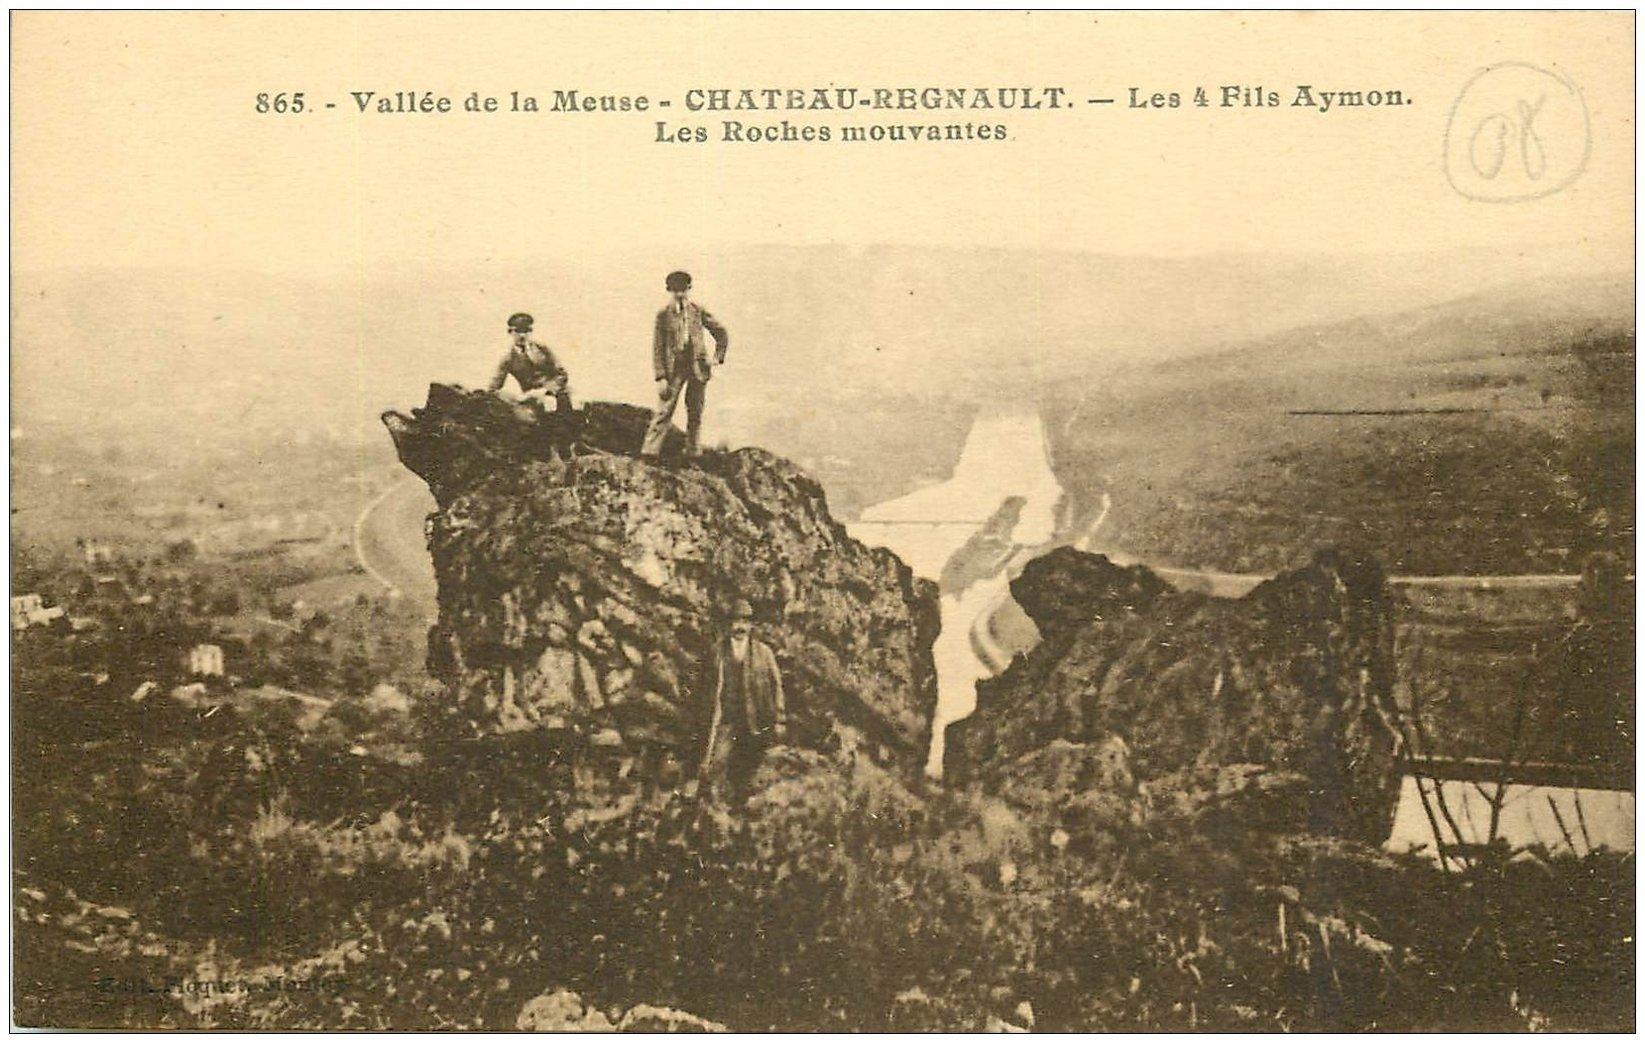 carte postale ancienne 08 CHATEAU-REGNAULT. Les Roches mouvantes. Les 4 Fils d'Aymon